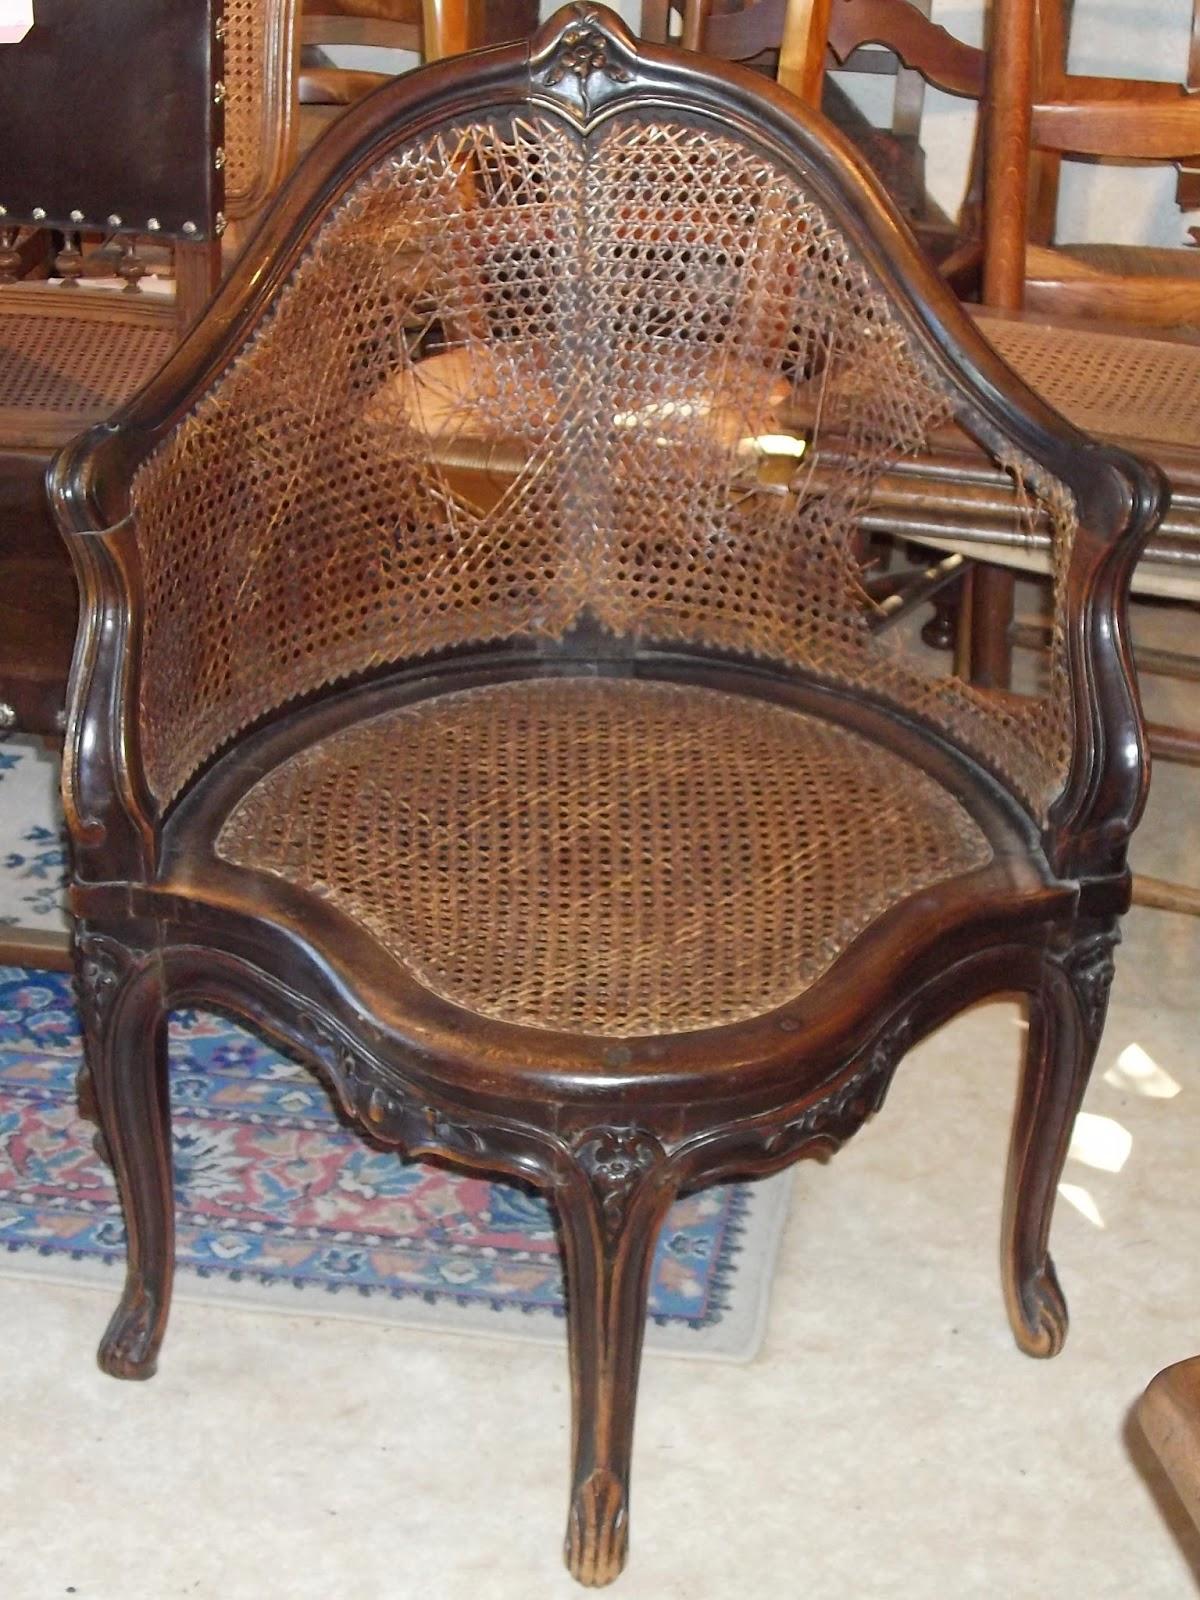 chaiserie artisanale d 39 angers restauration d 39 un fauteuil d 39 angle de style louis xv. Black Bedroom Furniture Sets. Home Design Ideas